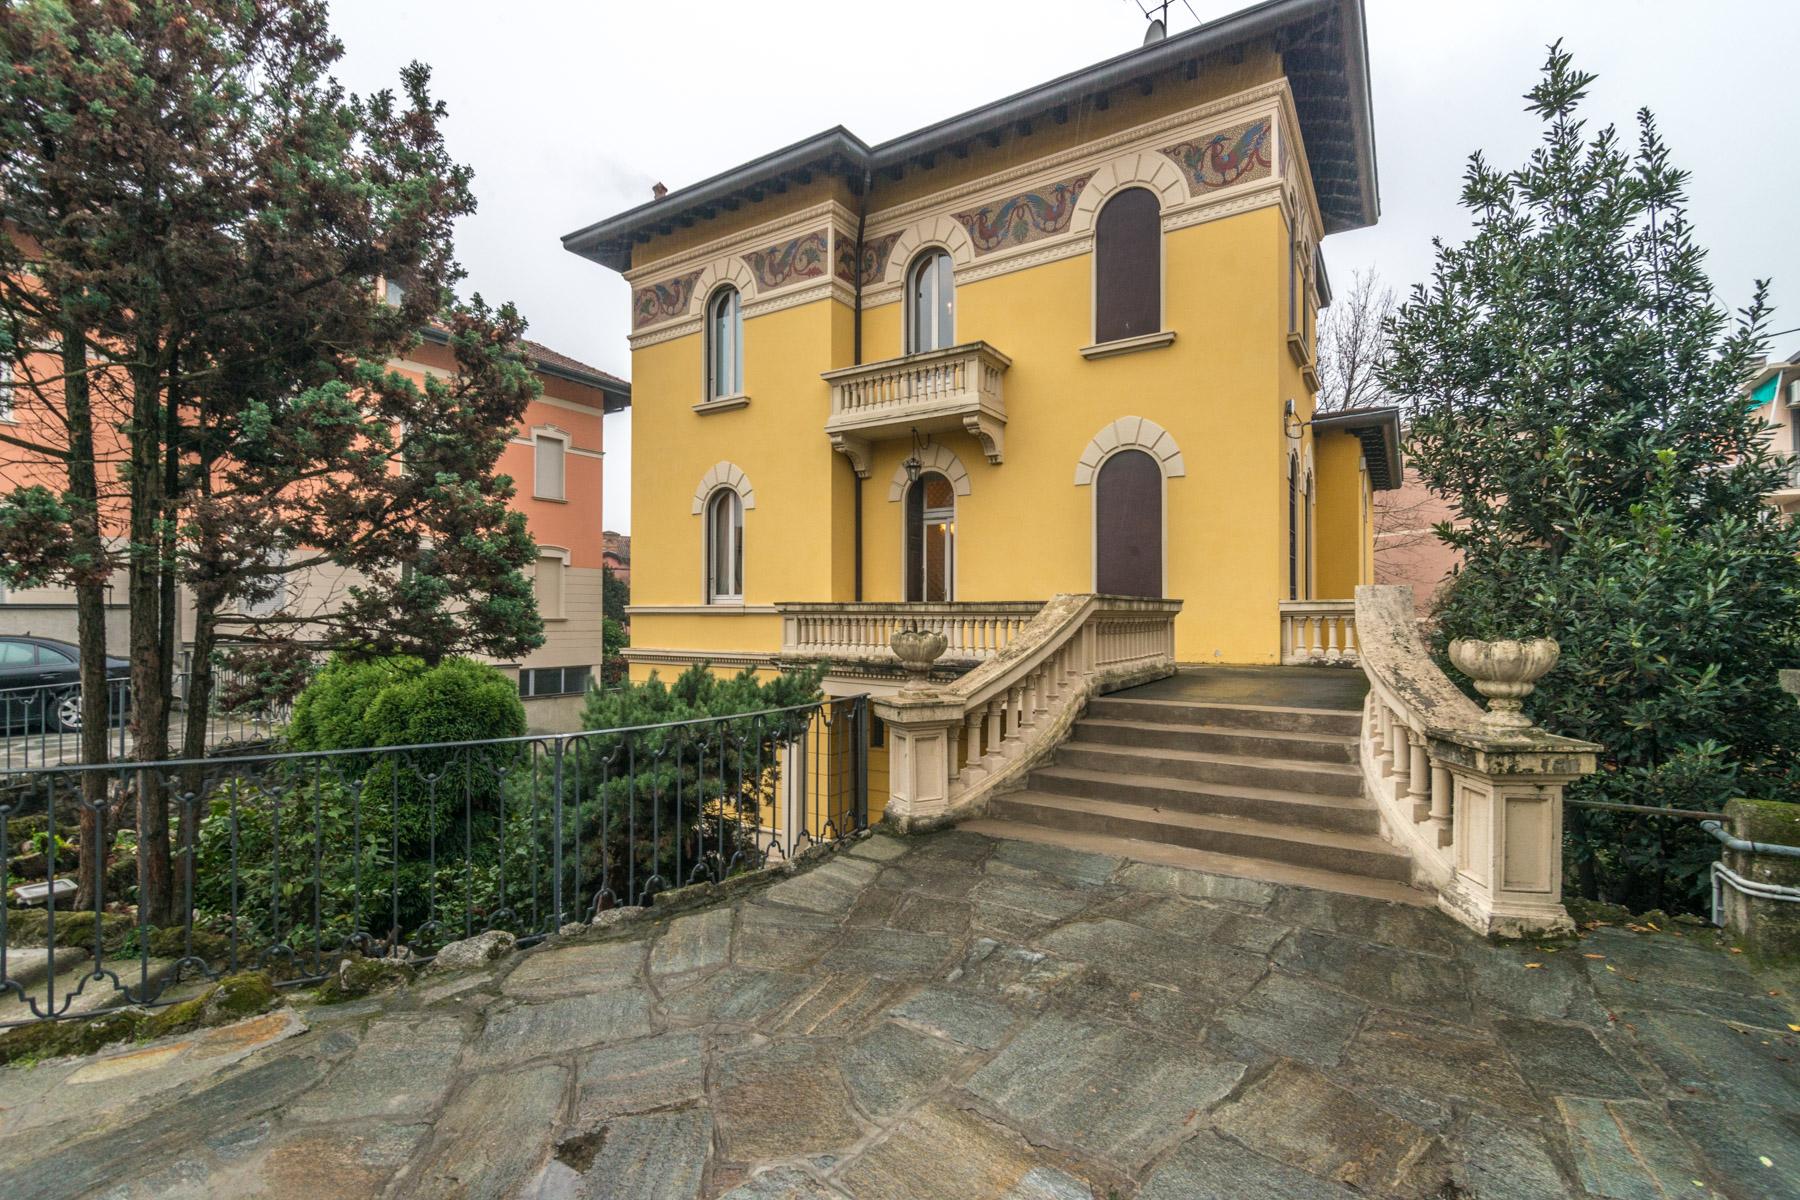 Villa in Vendita a Pavia Centro: 5 locali, 400 mq